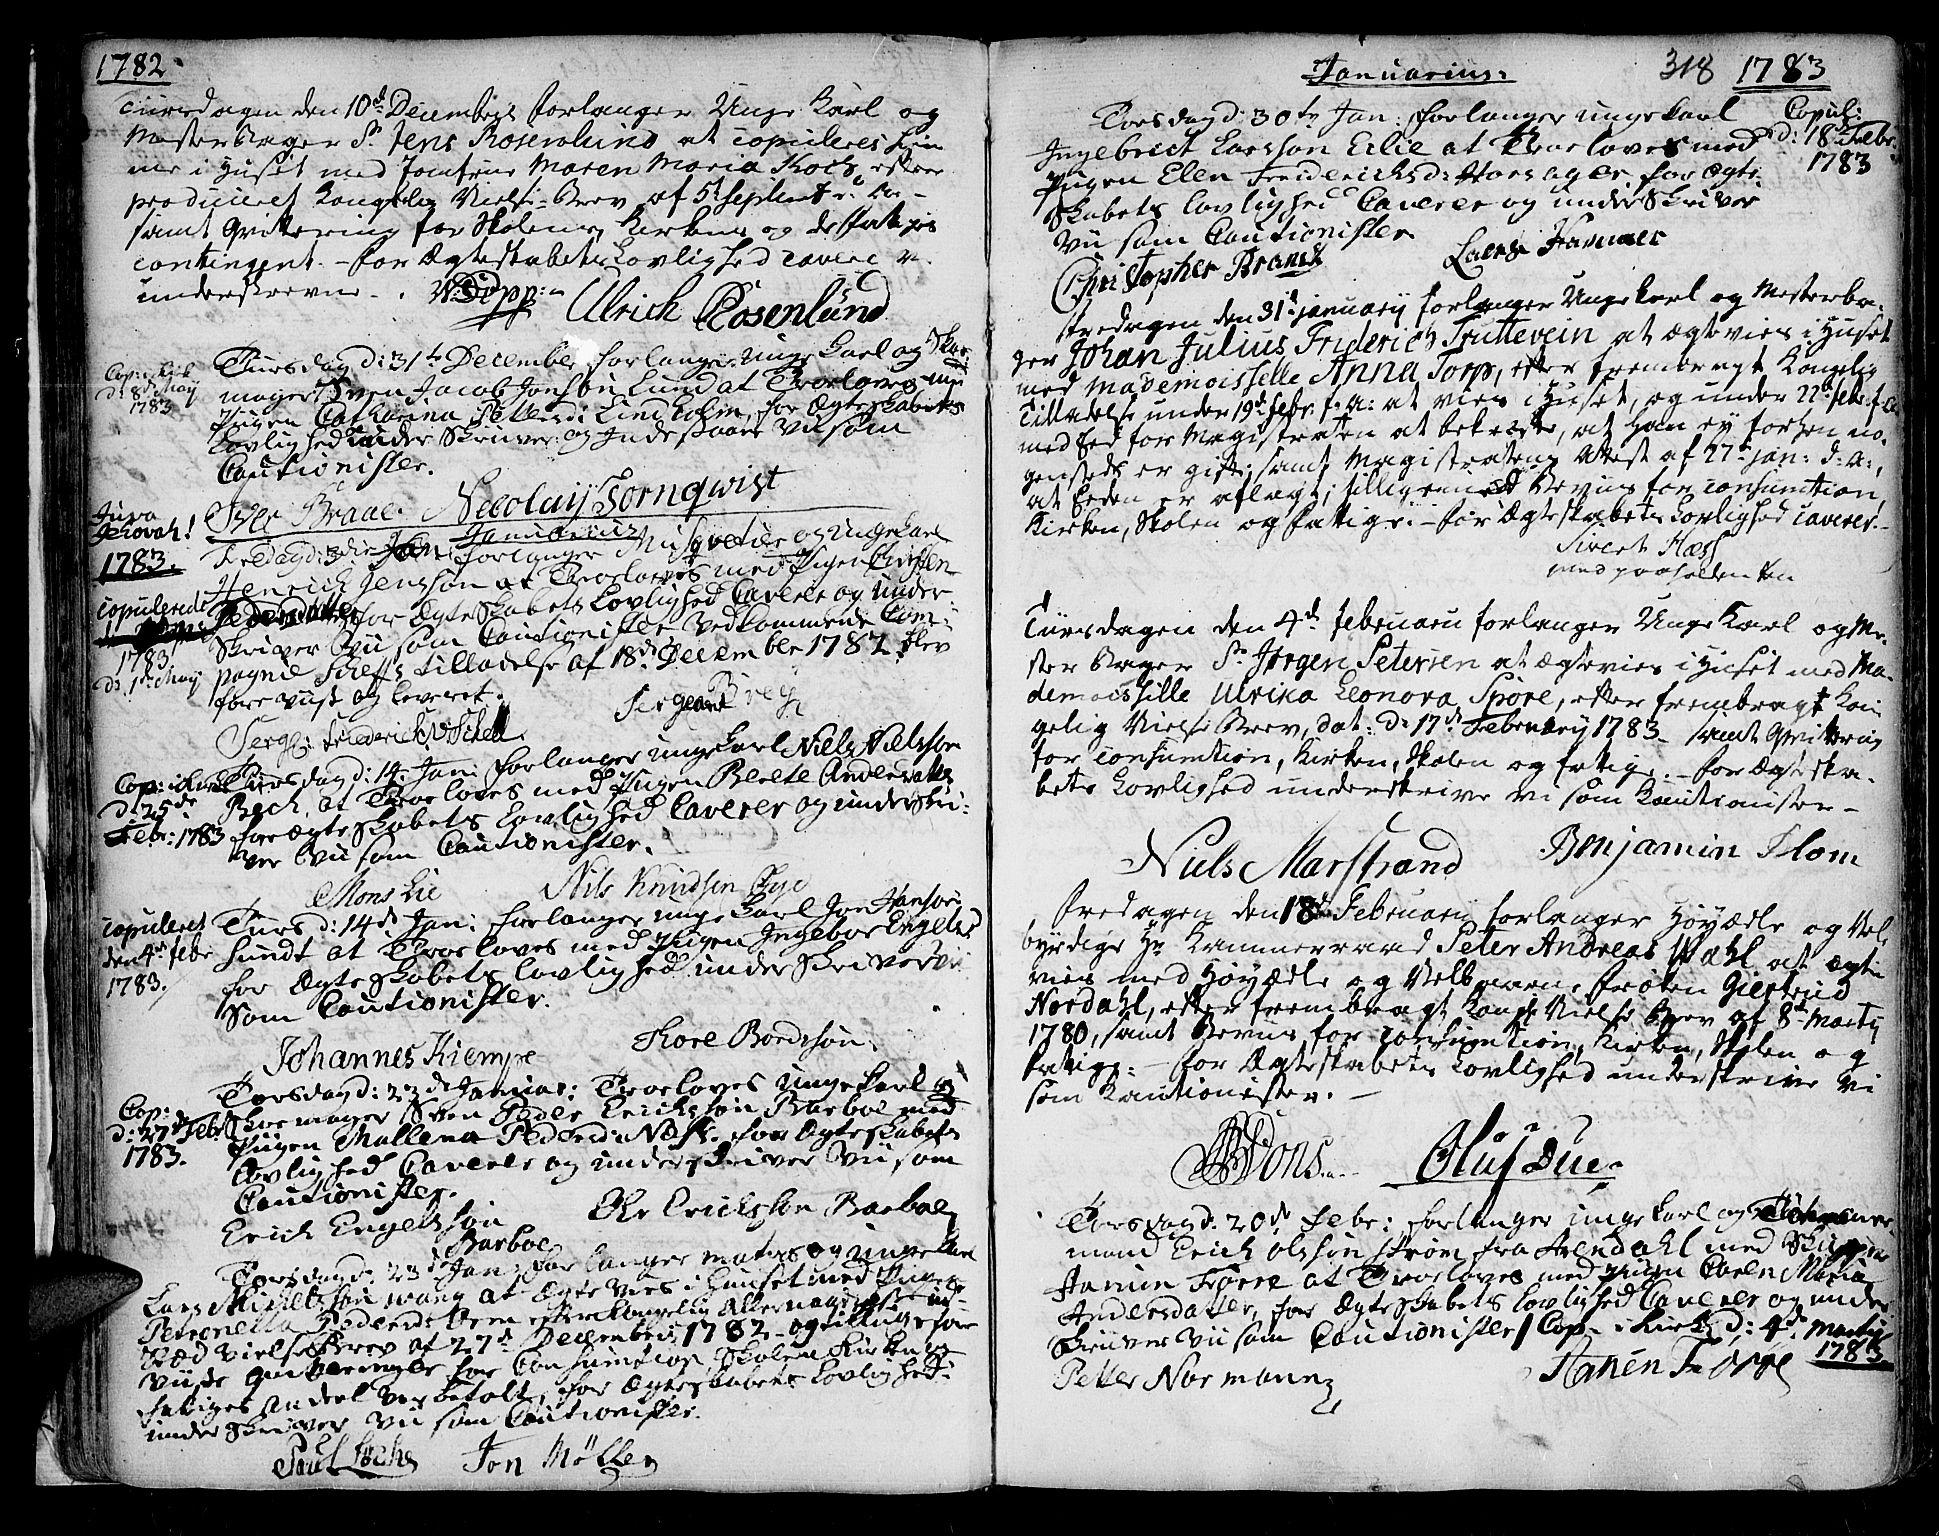 SAT, Ministerialprotokoller, klokkerbøker og fødselsregistre - Sør-Trøndelag, 601/L0038: Ministerialbok nr. 601A06, 1766-1877, s. 318